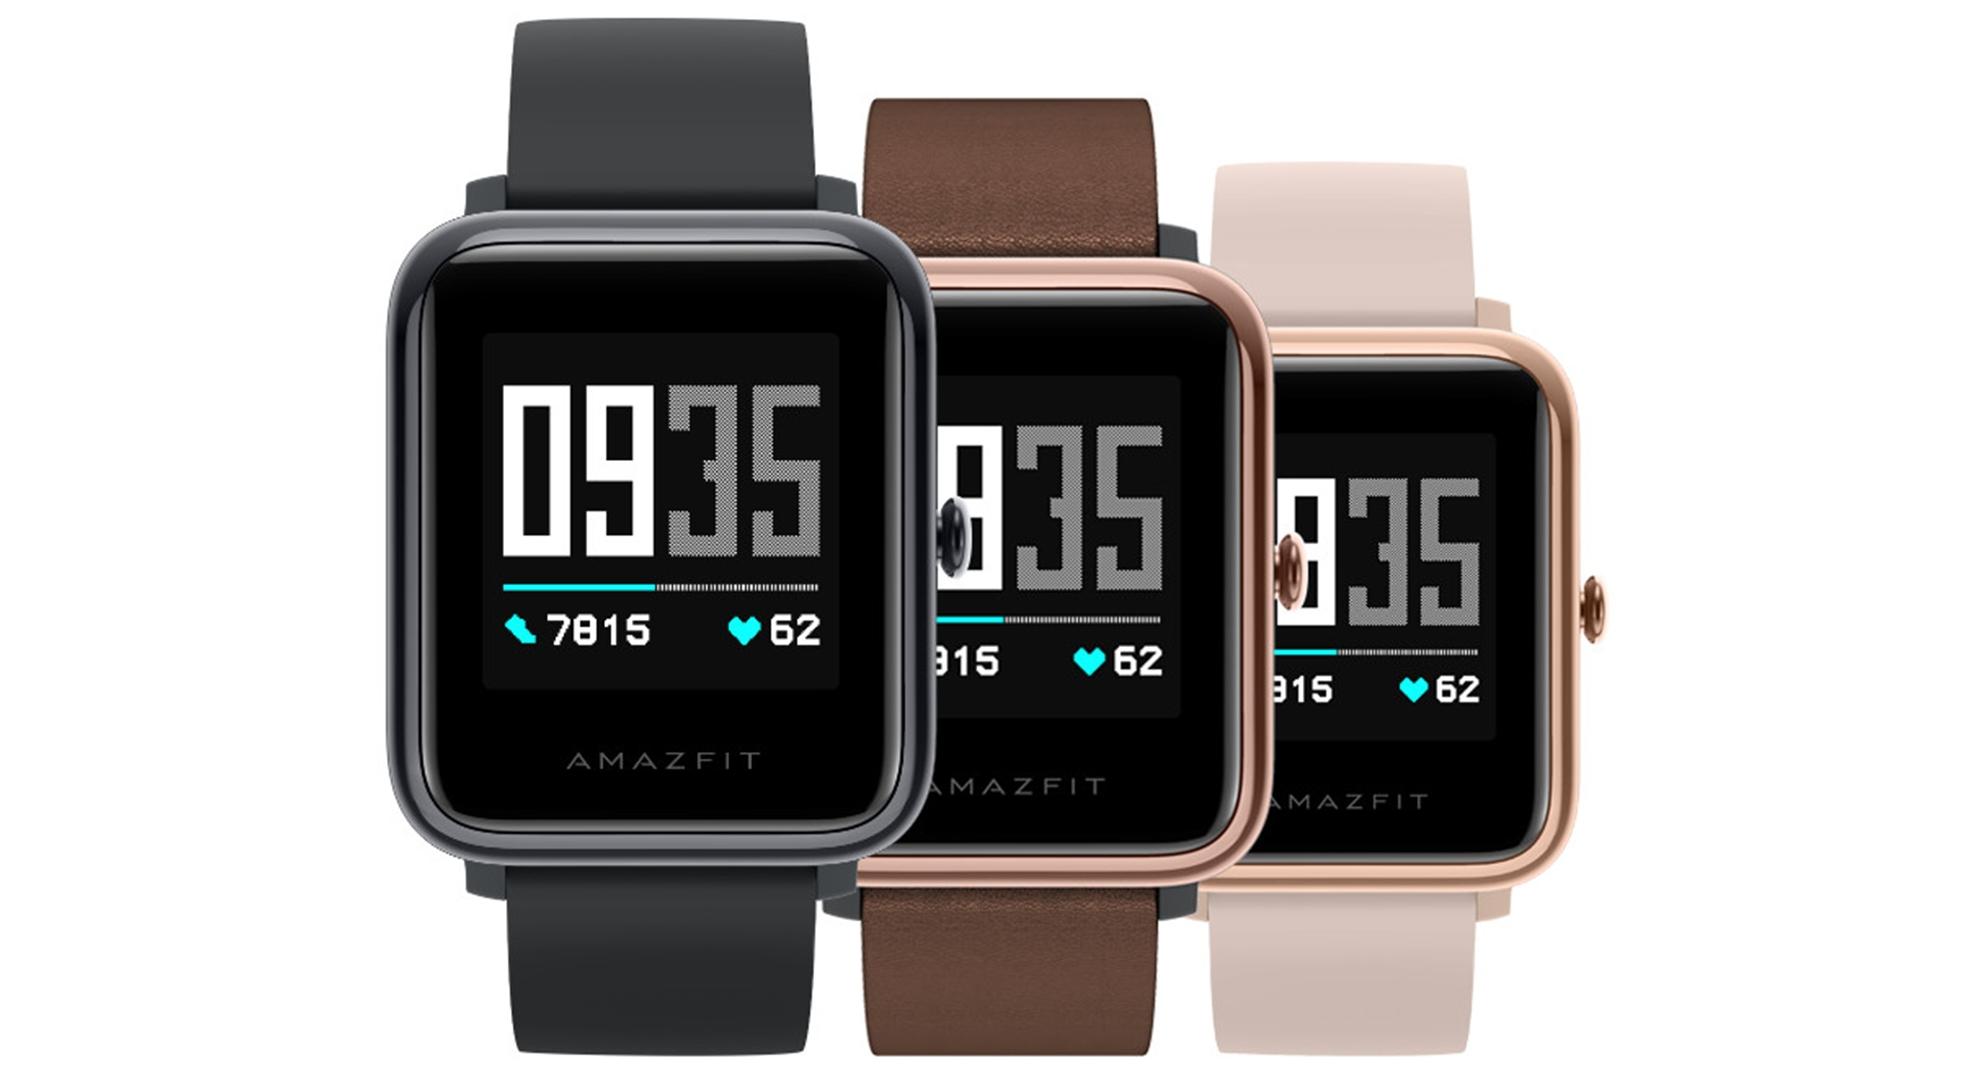 Amazfit Health Watch jsou nové chytré hodinky s EKG senzorem